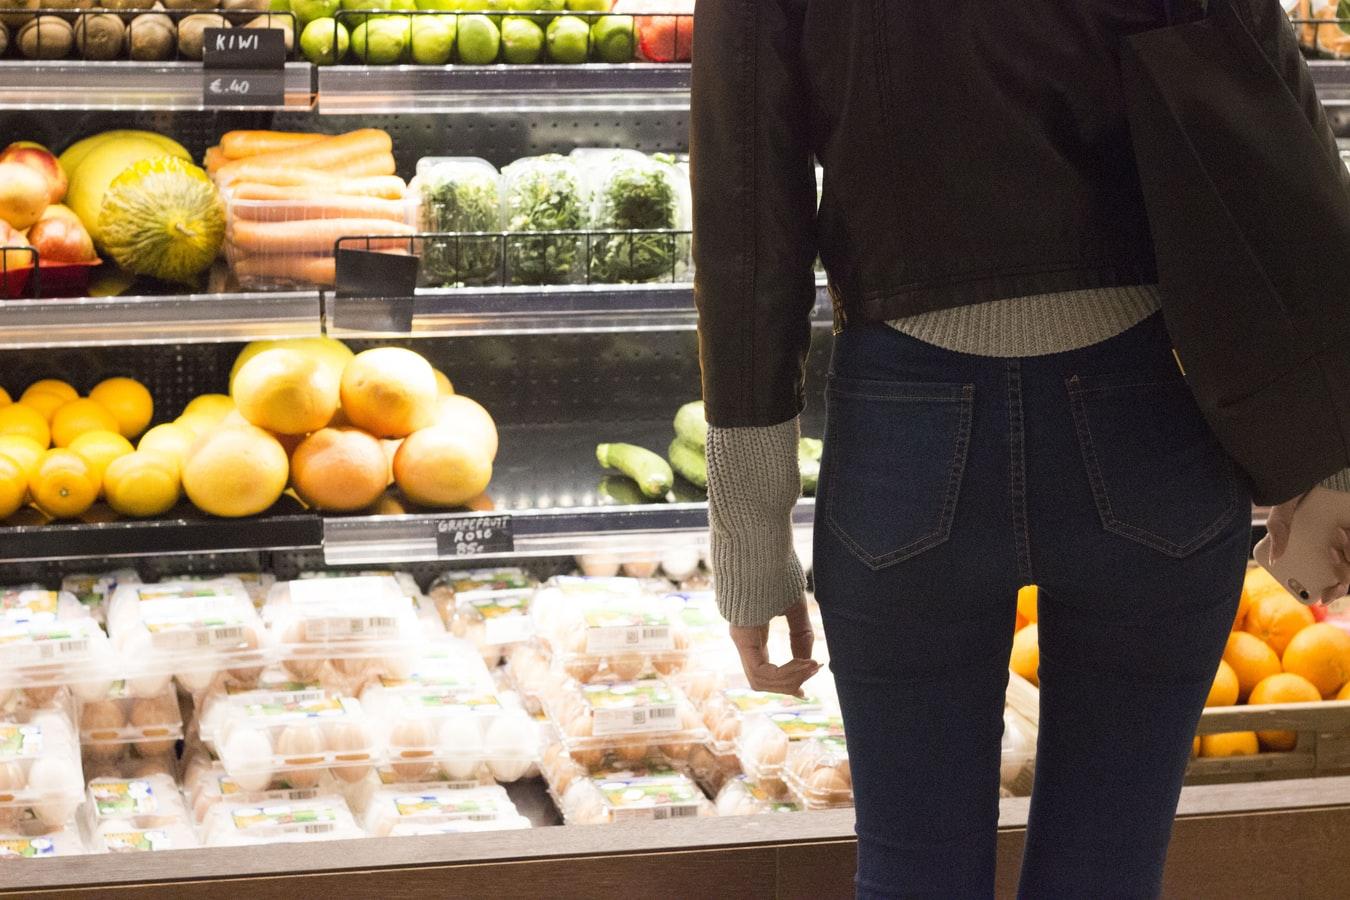 Une femme devant un rayon de fruits et légumes.